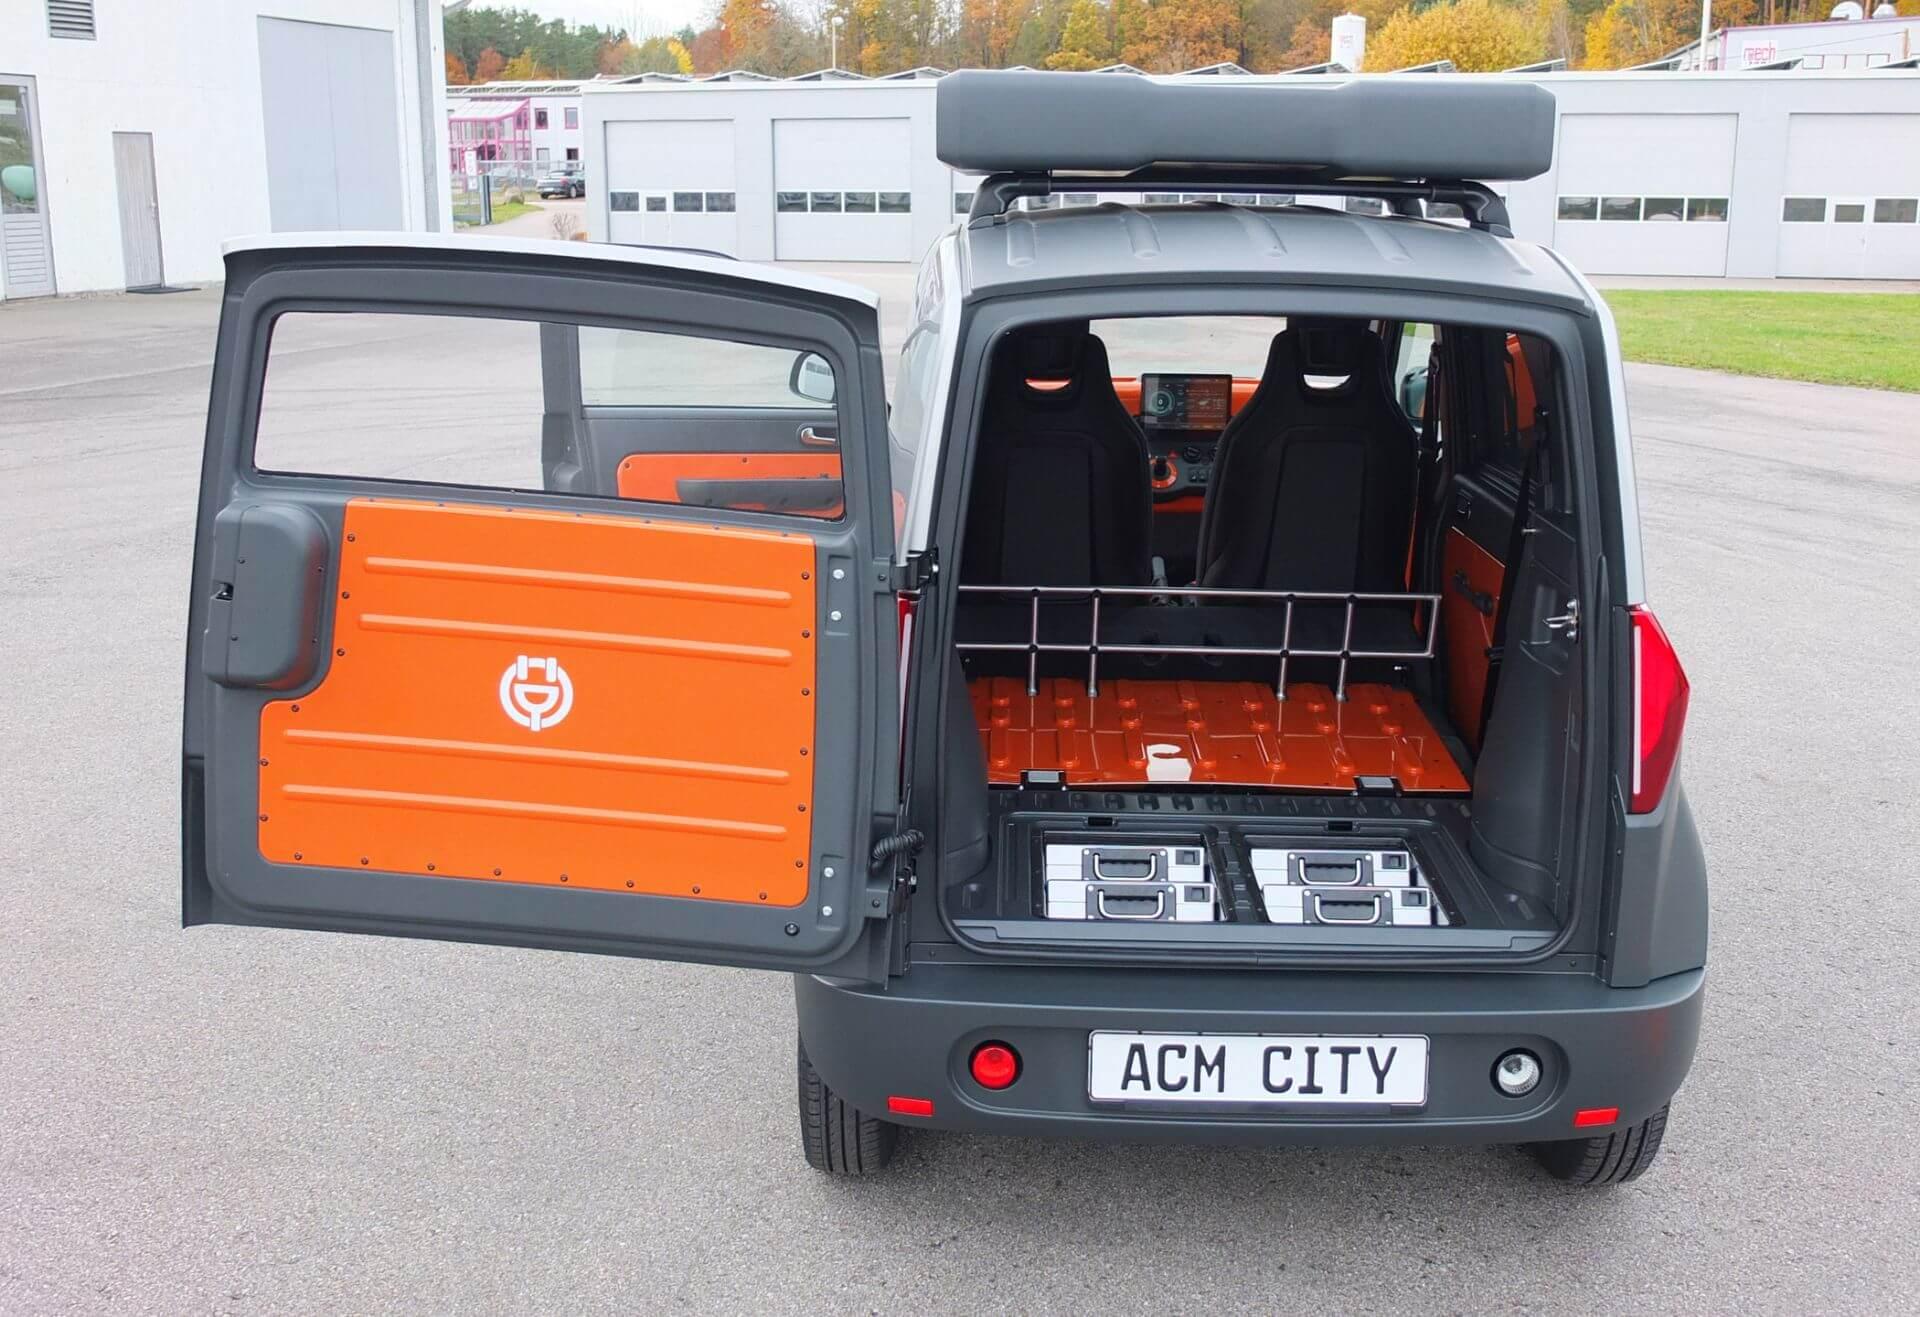 ACM City One может использоваться в качестве небольшого коммерческого автомобиля